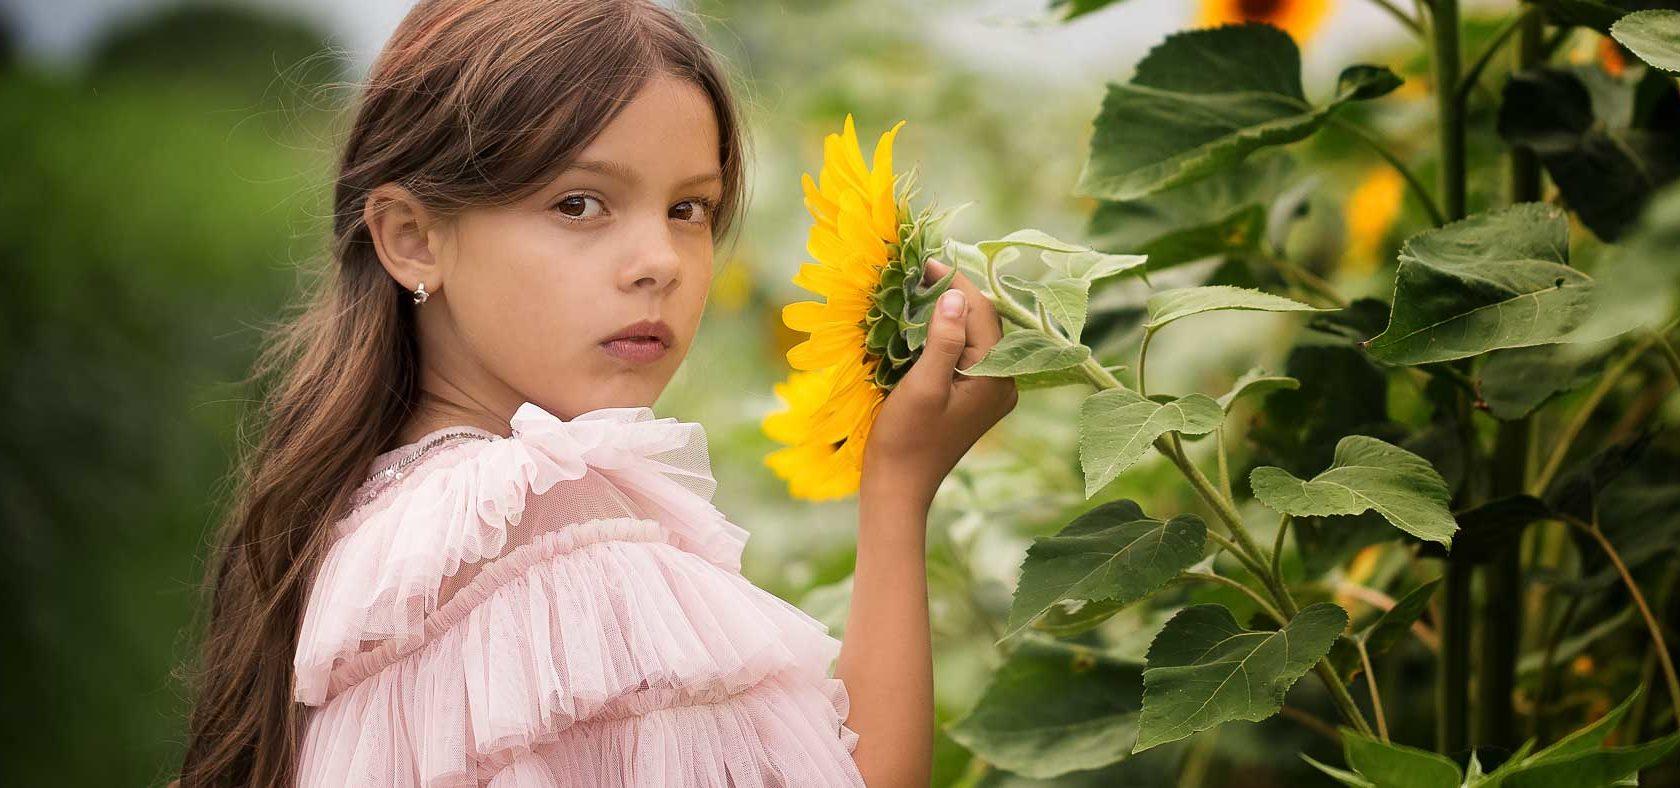 Mädchen im Sonnenblumenfeld, Anke Benen Photography, Kinderfotografie, das besondere Fotoshooting, magische Momente, Mädchen, Fotografie